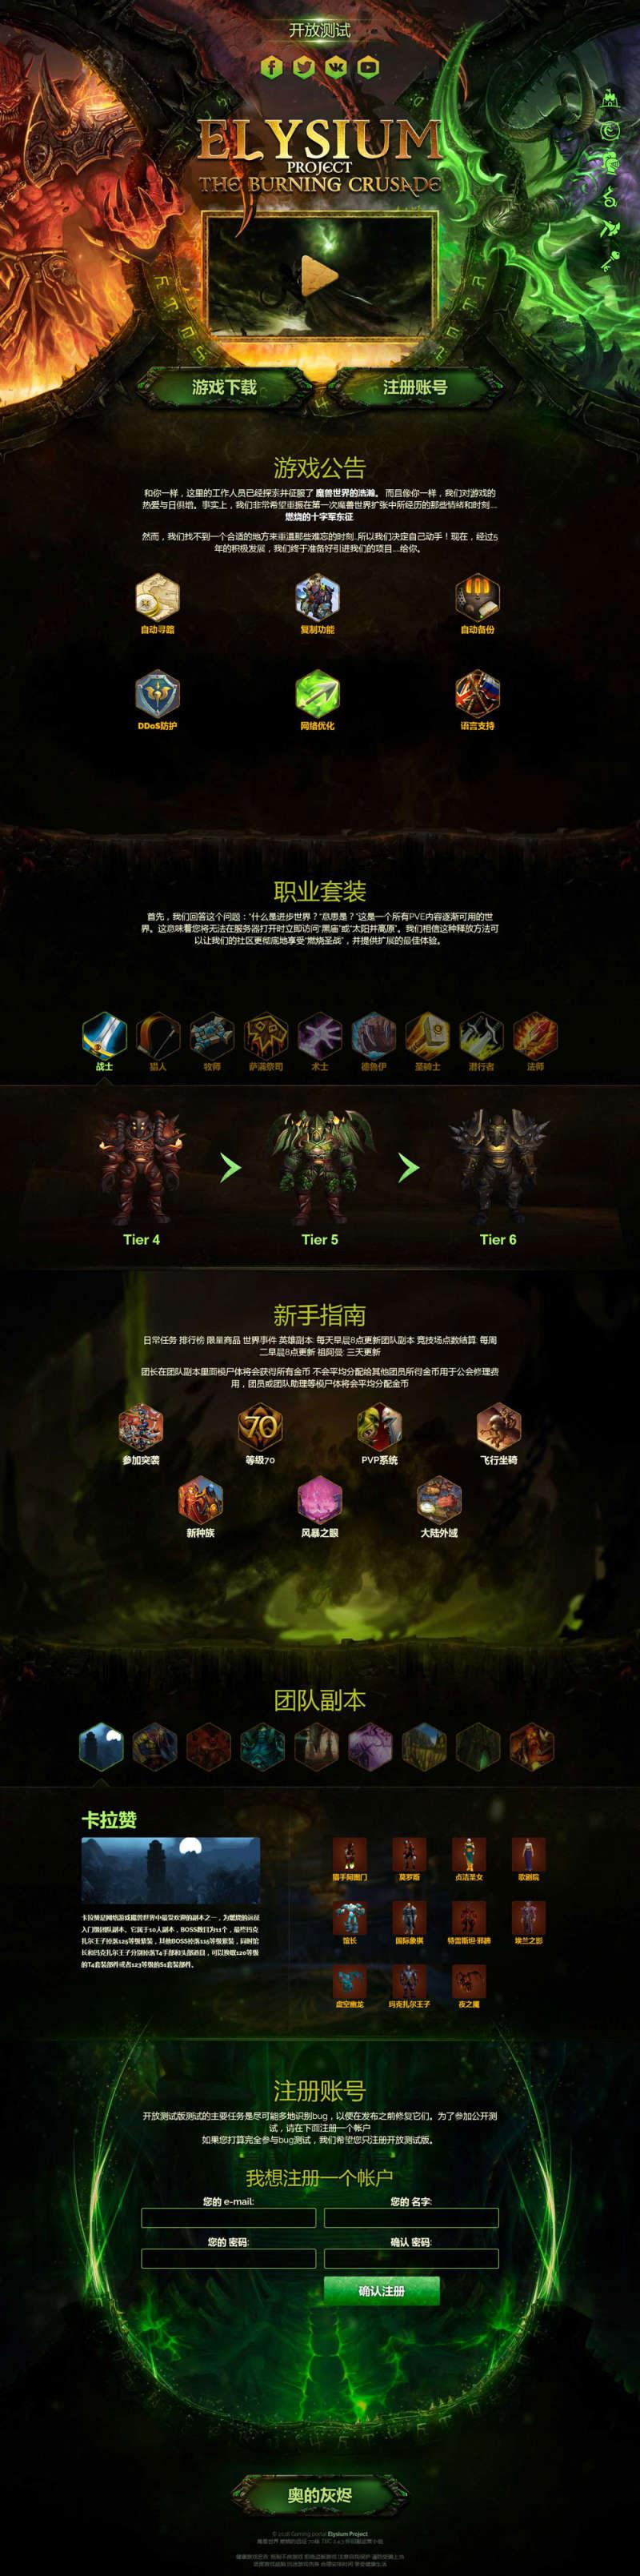 怀旧服魔兽世界大型网络游戏介绍官网单页模板